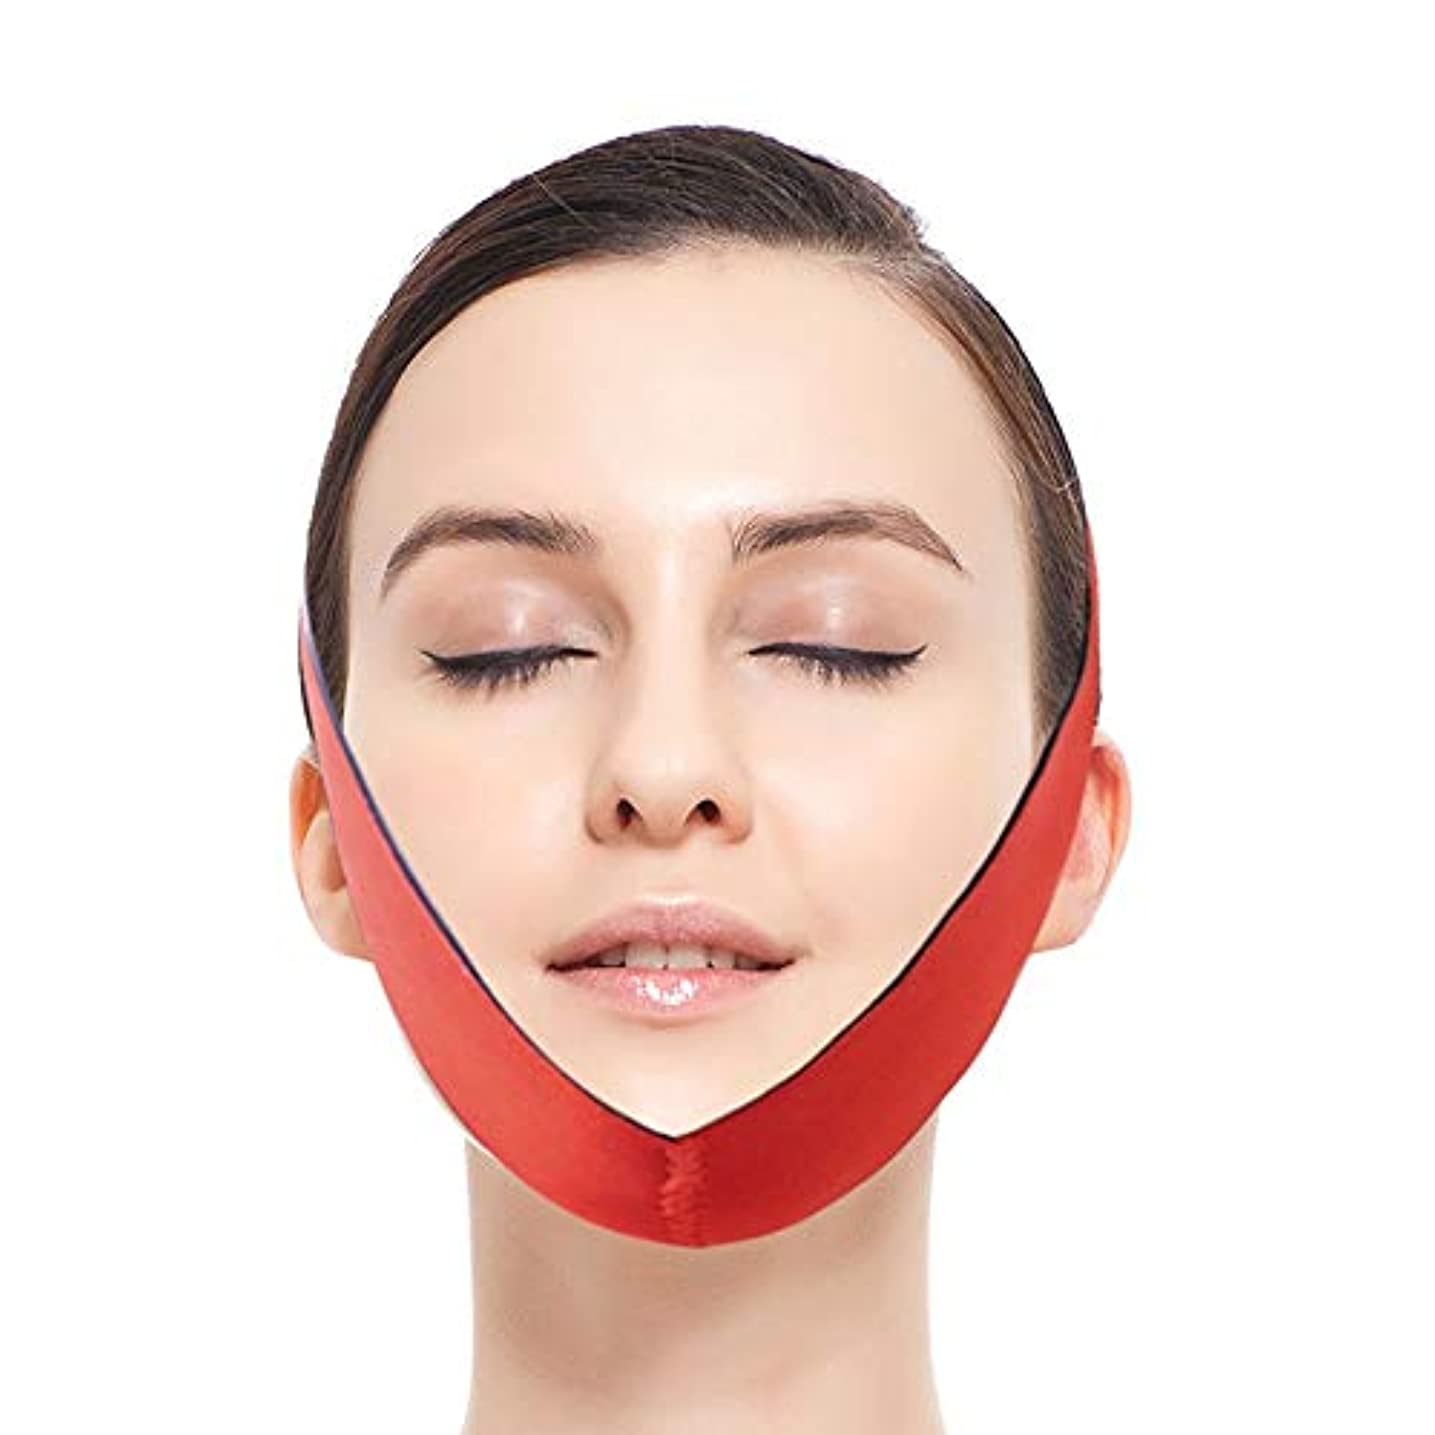 記録装備するペレグリネーションフェイスリフティングアーティファクトVフェイス包帯マスクダブルあご引き締め顔薄い咬傷筋肉下顎矯正顔